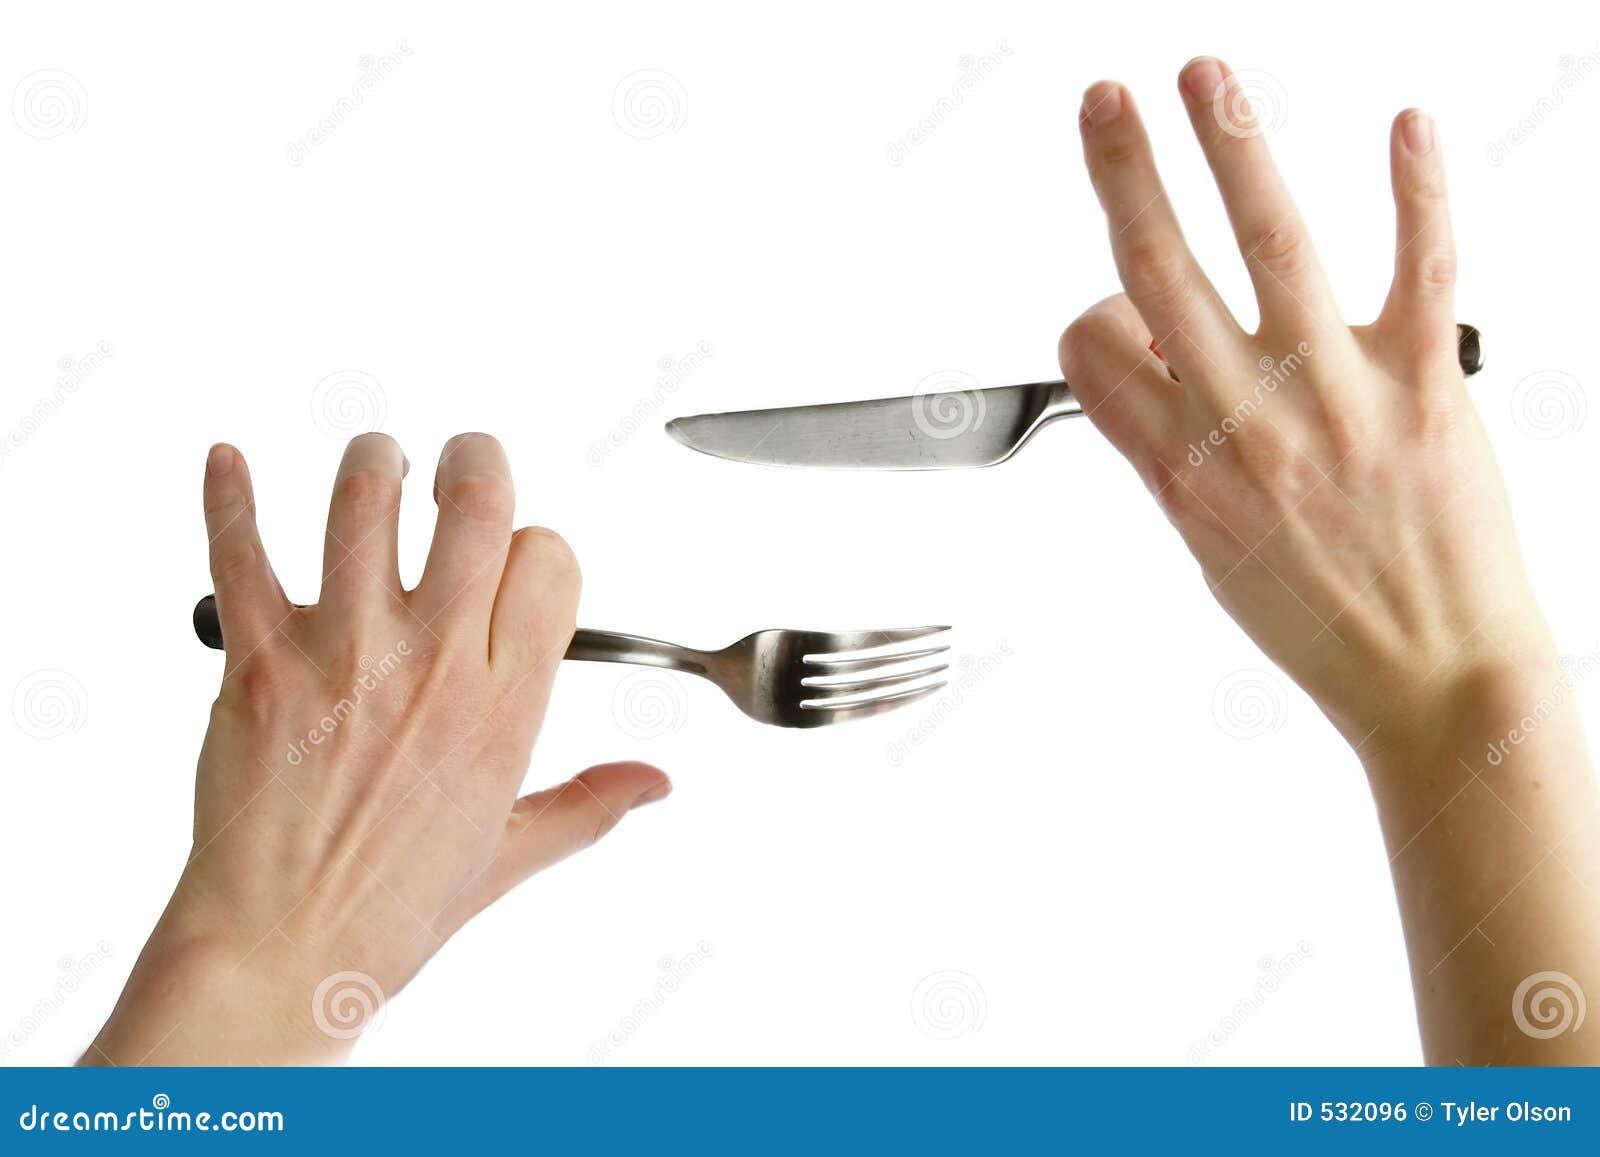 Download 叉子刀子 库存照片. 图片 包括有 扁平的餐具, 黄油, 叉子, 概念性, 不耐烦, 不安定, 拳头, 暂挂 - 532096